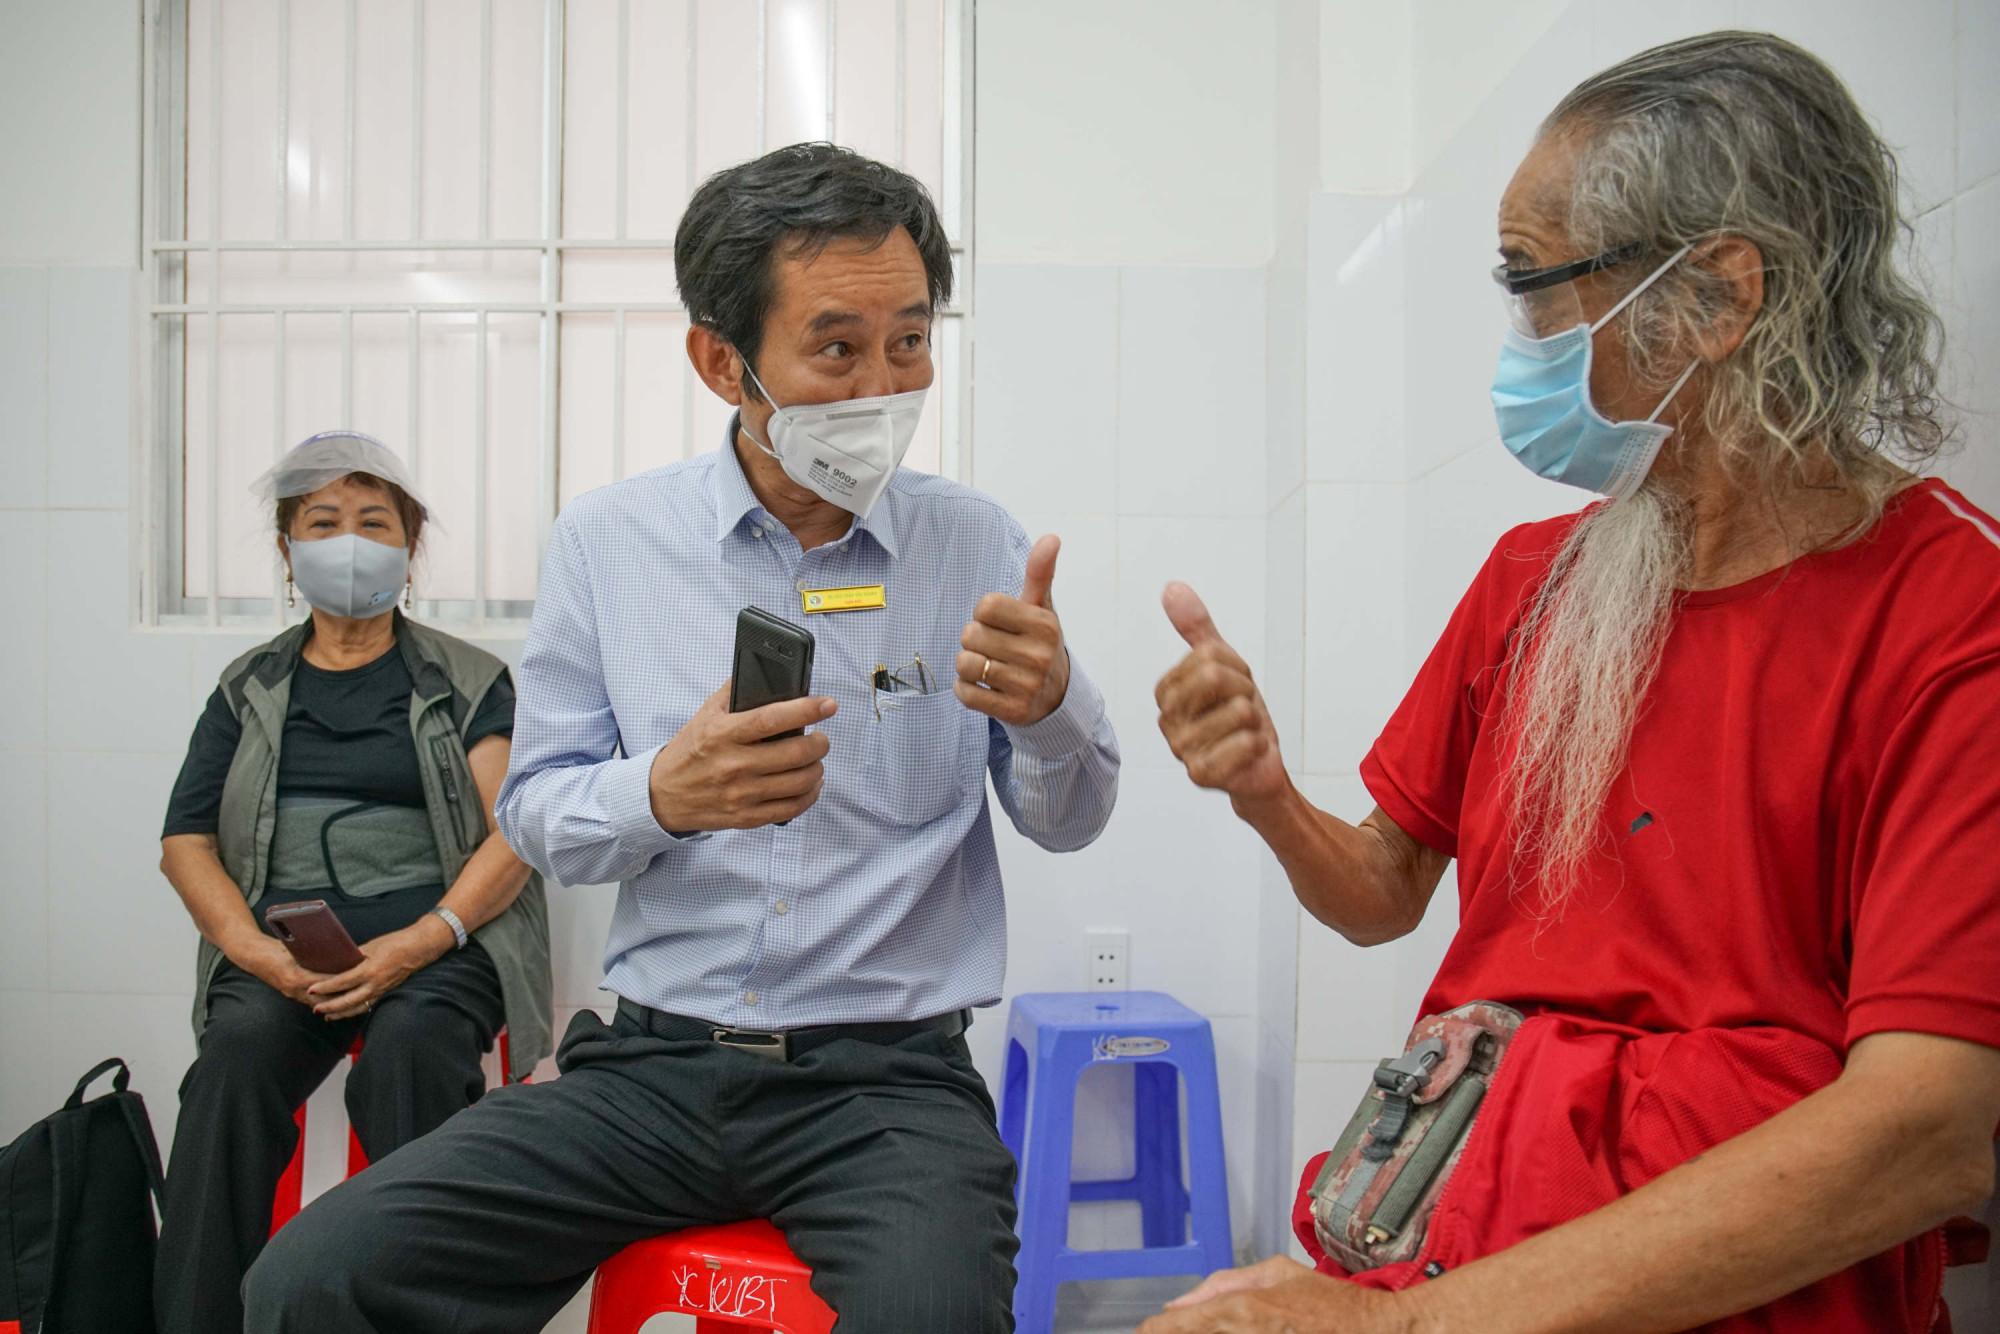 BS-CK2 Trần Văn Khanh, Giám đốc Bệnh viện Lê Văn Thịnh (TP Thủ Đức), ân cần thăm hỏi cụ bác Lê Thăng (82 tuổi) sau khi tiêm.